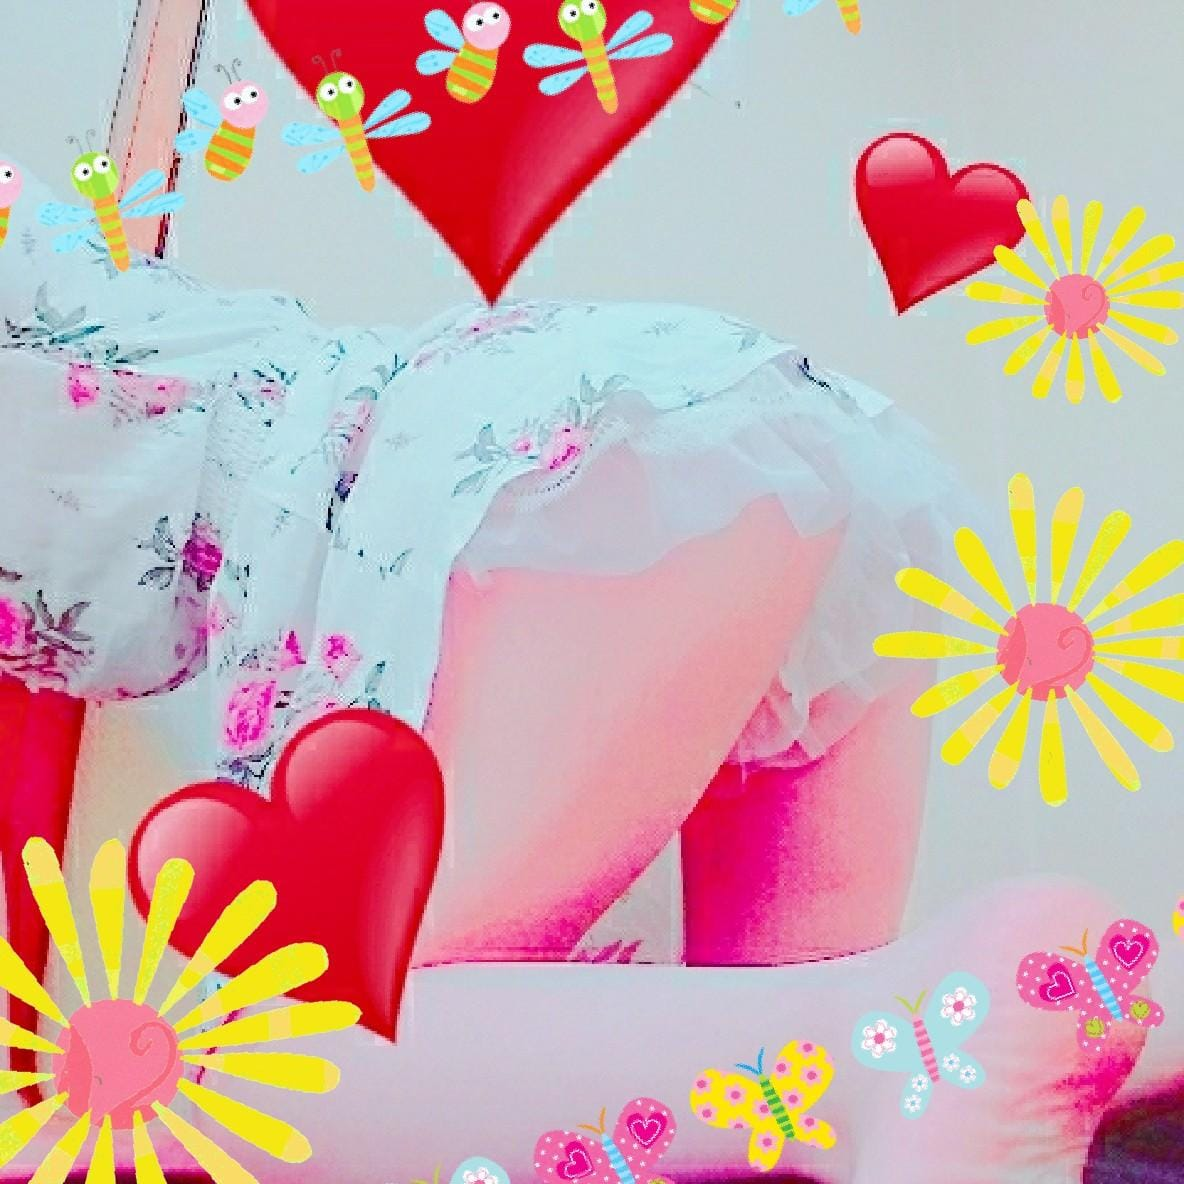 「お礼です☆」08/14(08/14) 01:18 | しいなの写メ・風俗動画